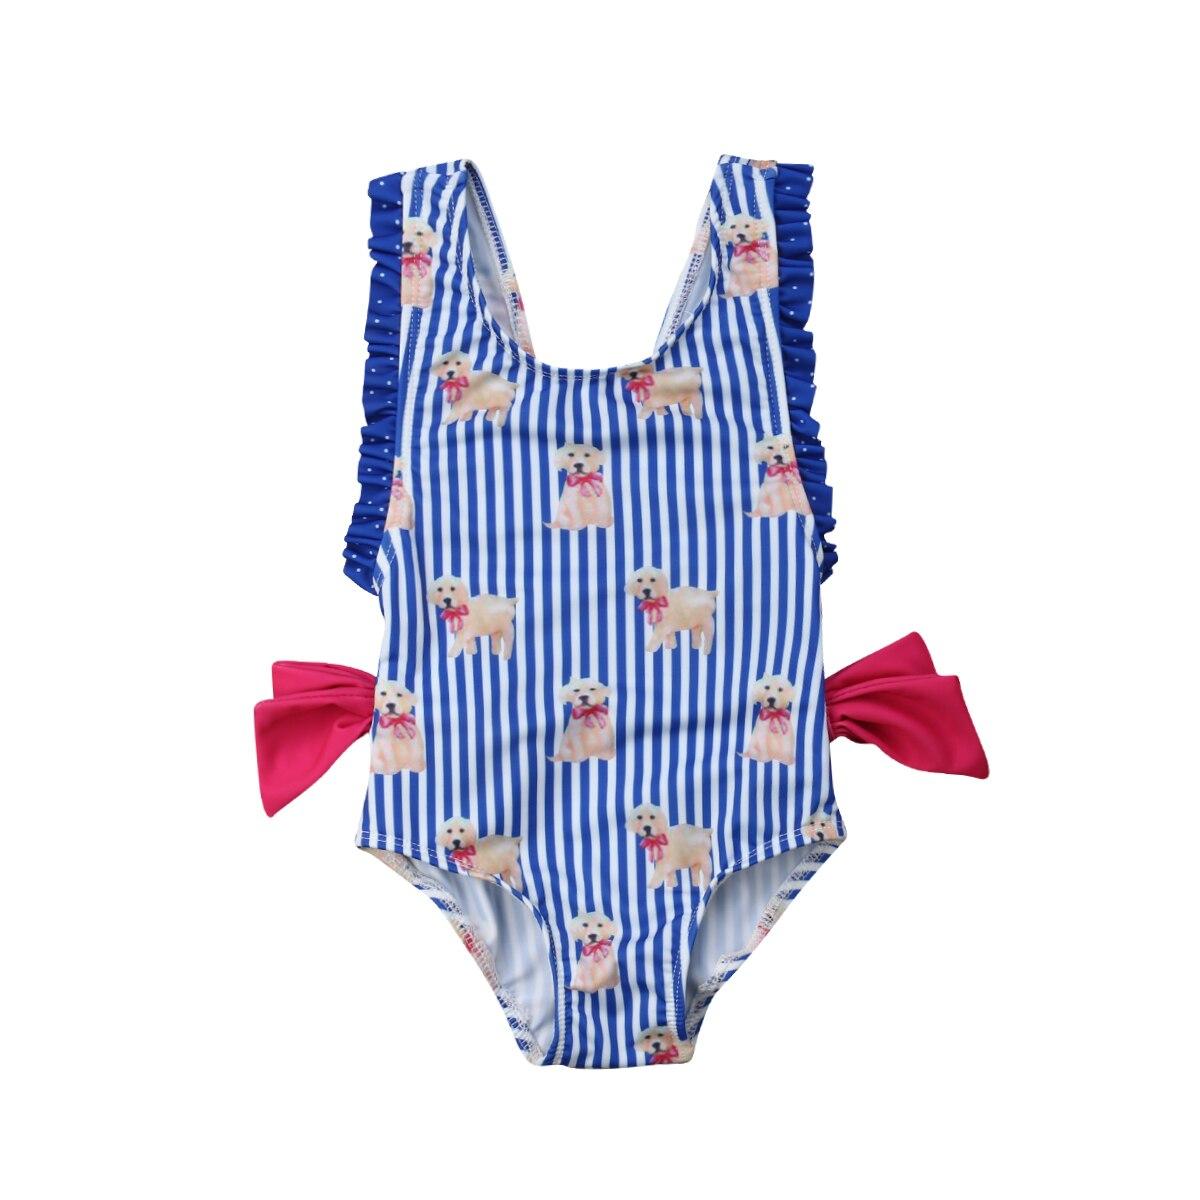 Hirigin/милые купальники для маленьких девочек; цельный с рисунком животных; купальный костюм; купальник - Цвет: Синий